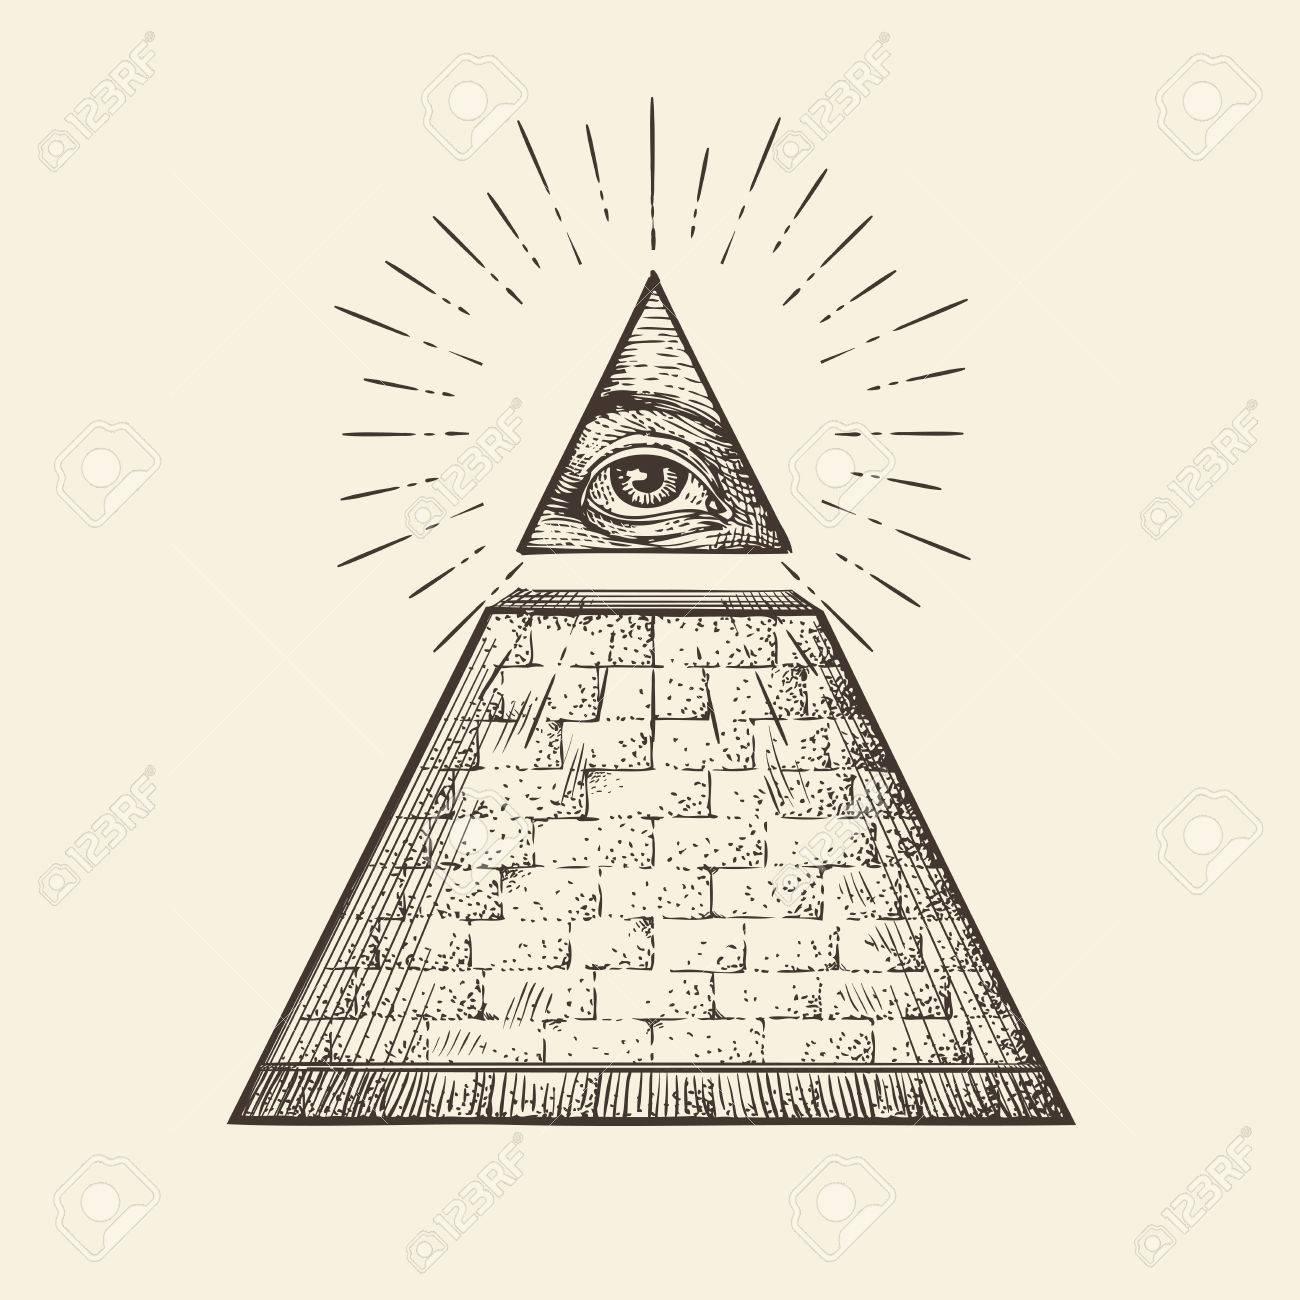 1300x1300 All Seeing Eye Pyramid Symbol New World Order Hand Drawn Sketch